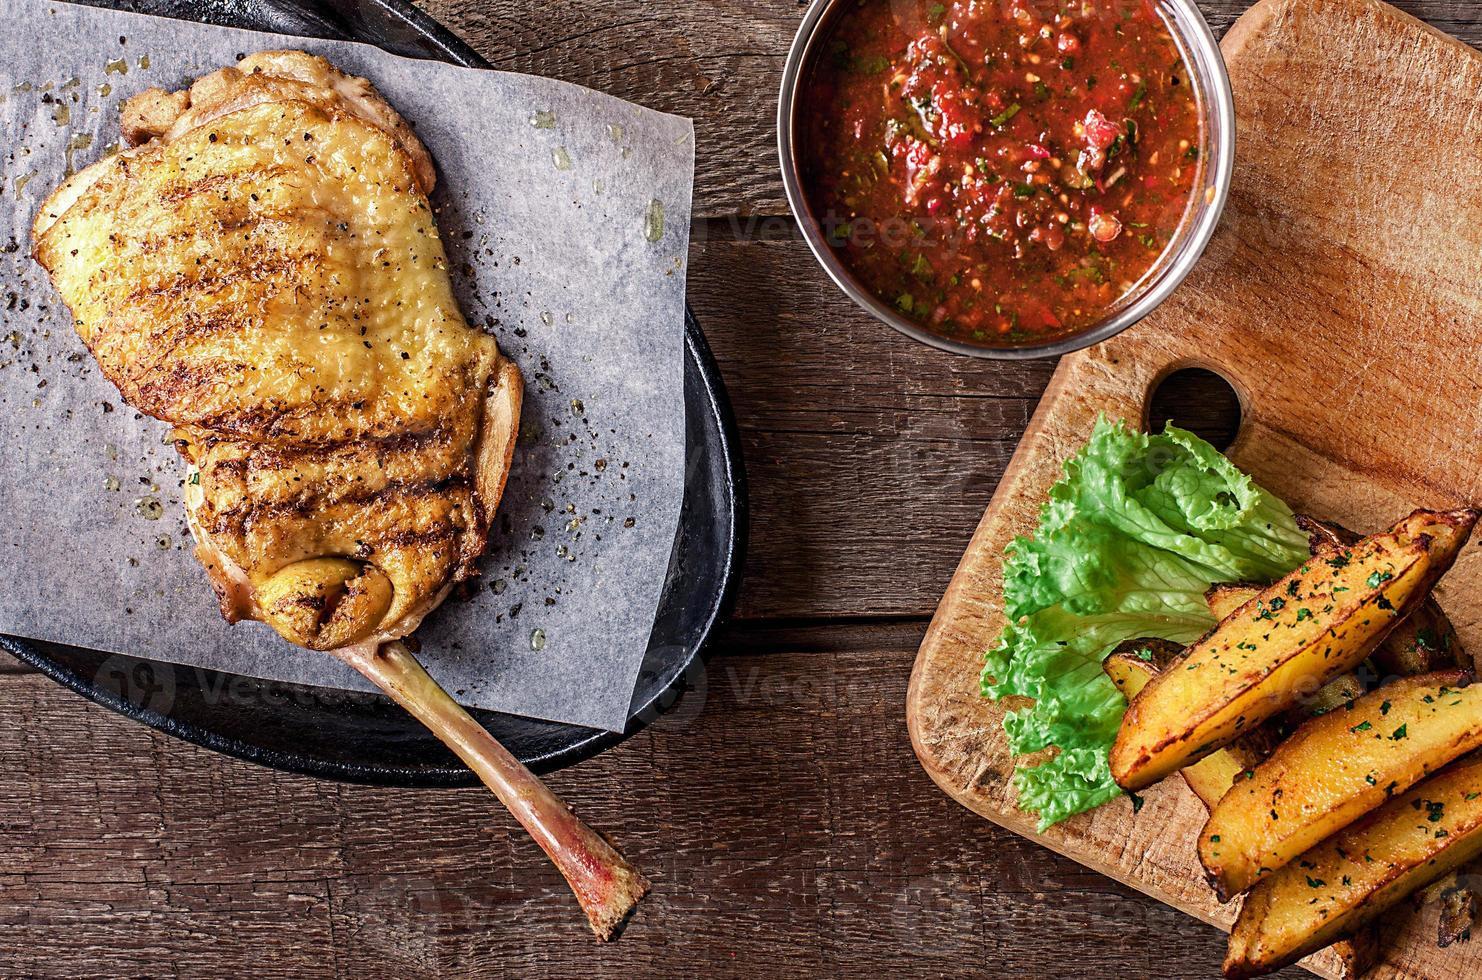 carne de frango frito com osso, fatias de batata, alface foto